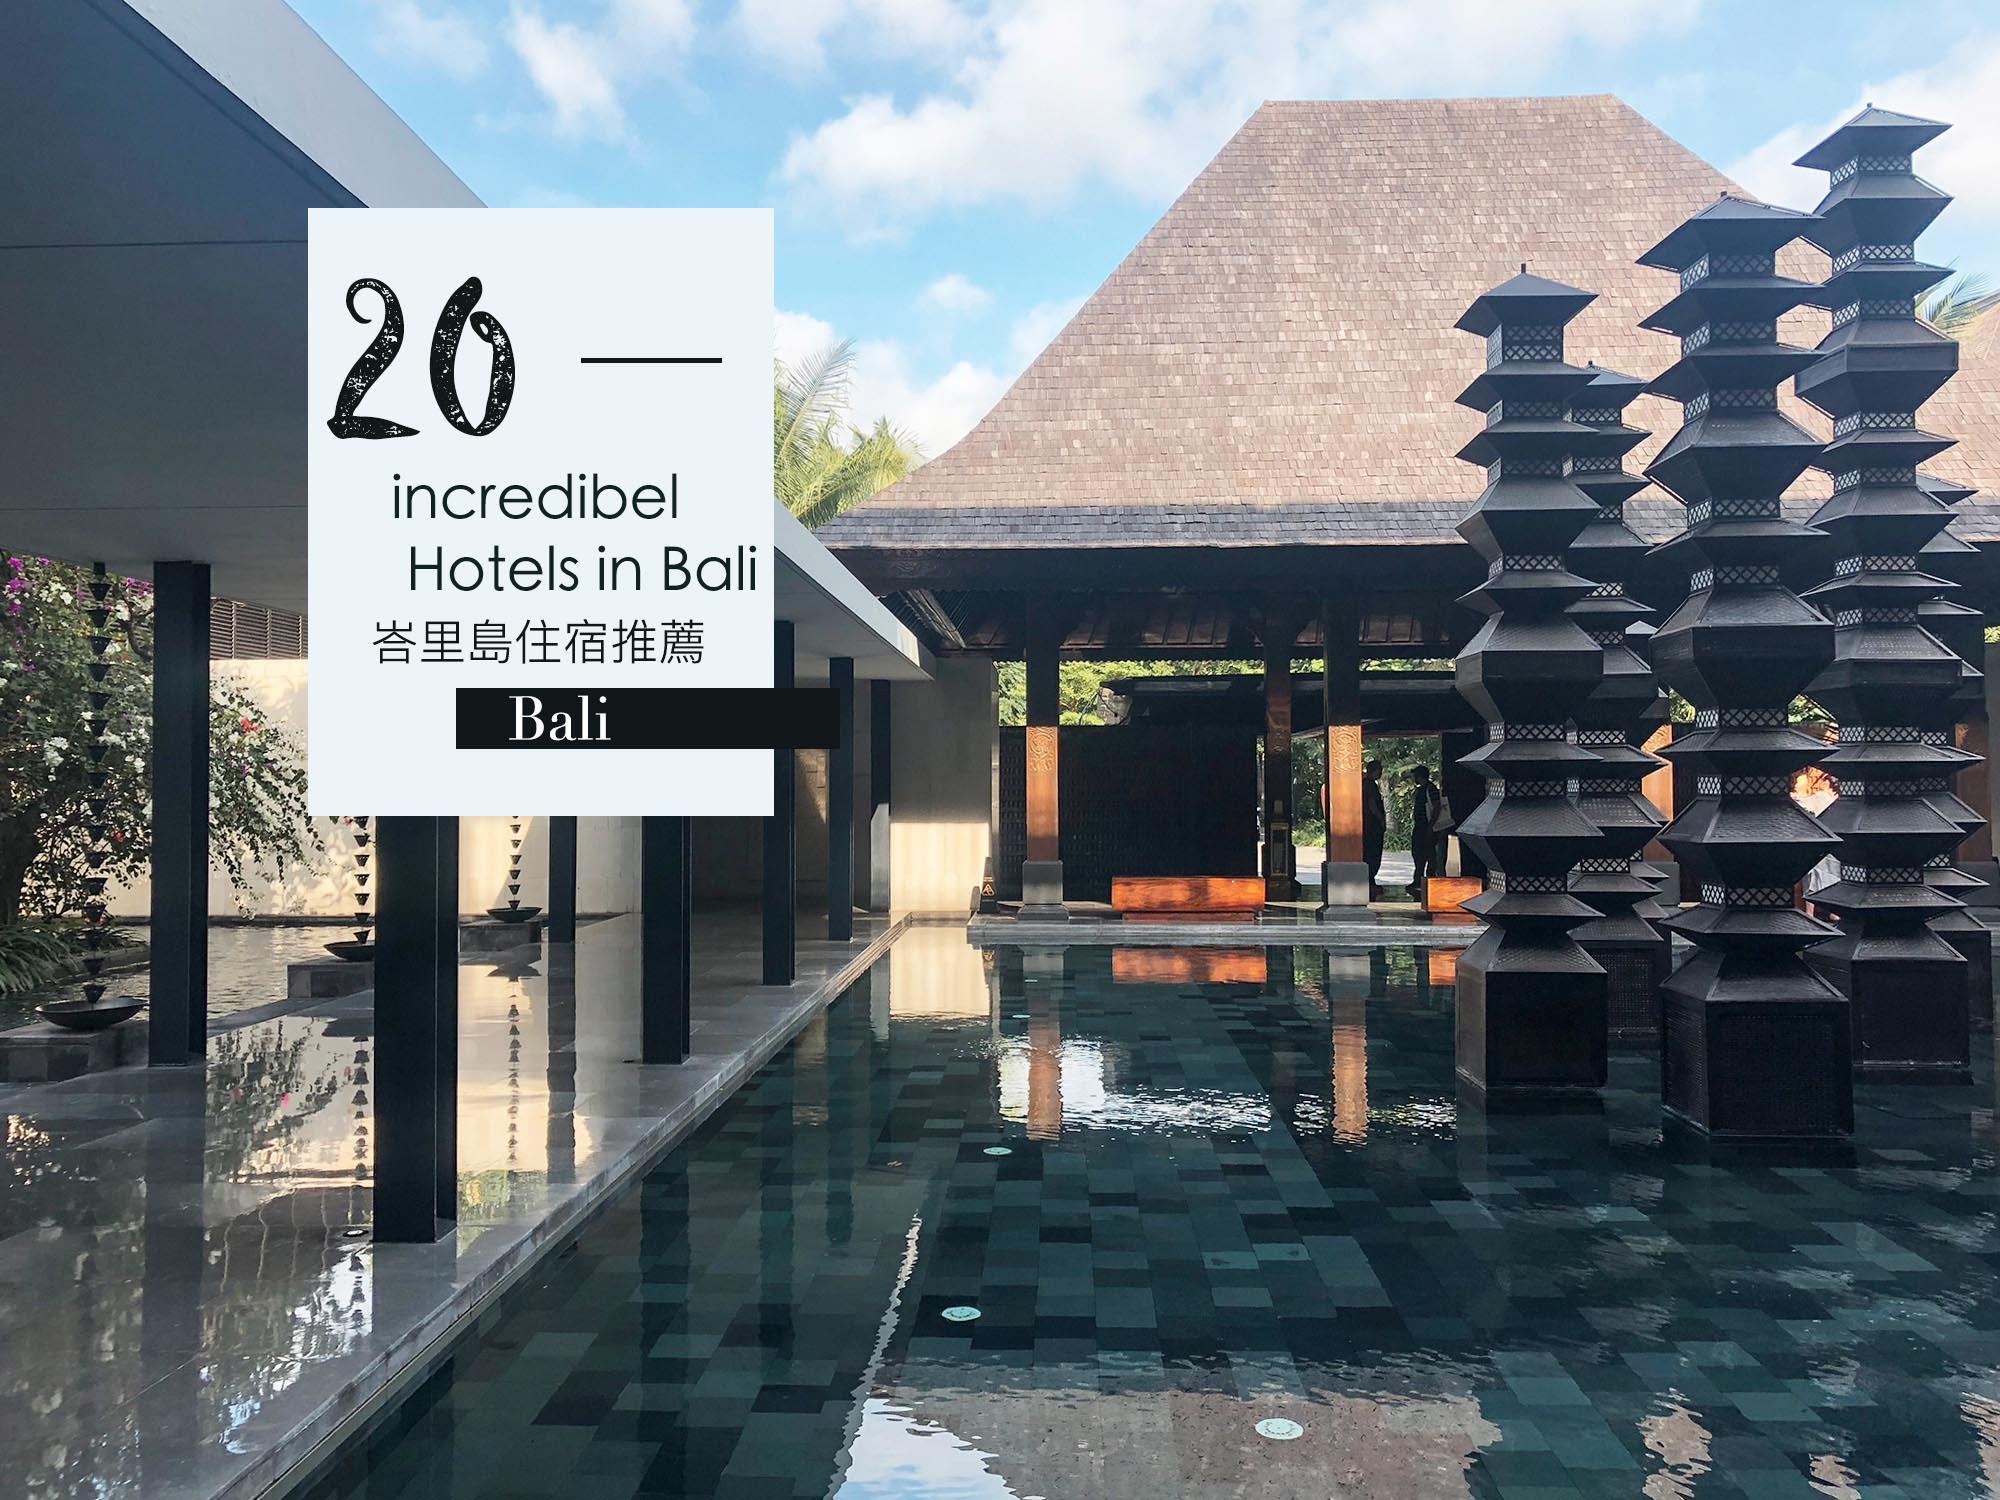 2020年更新-峇里島住宿|新開幕Villa&飯店推薦(庫塔、烏魯瓦圖、水明漾、藍夢島、烏布地區,含費用、設施總整理)